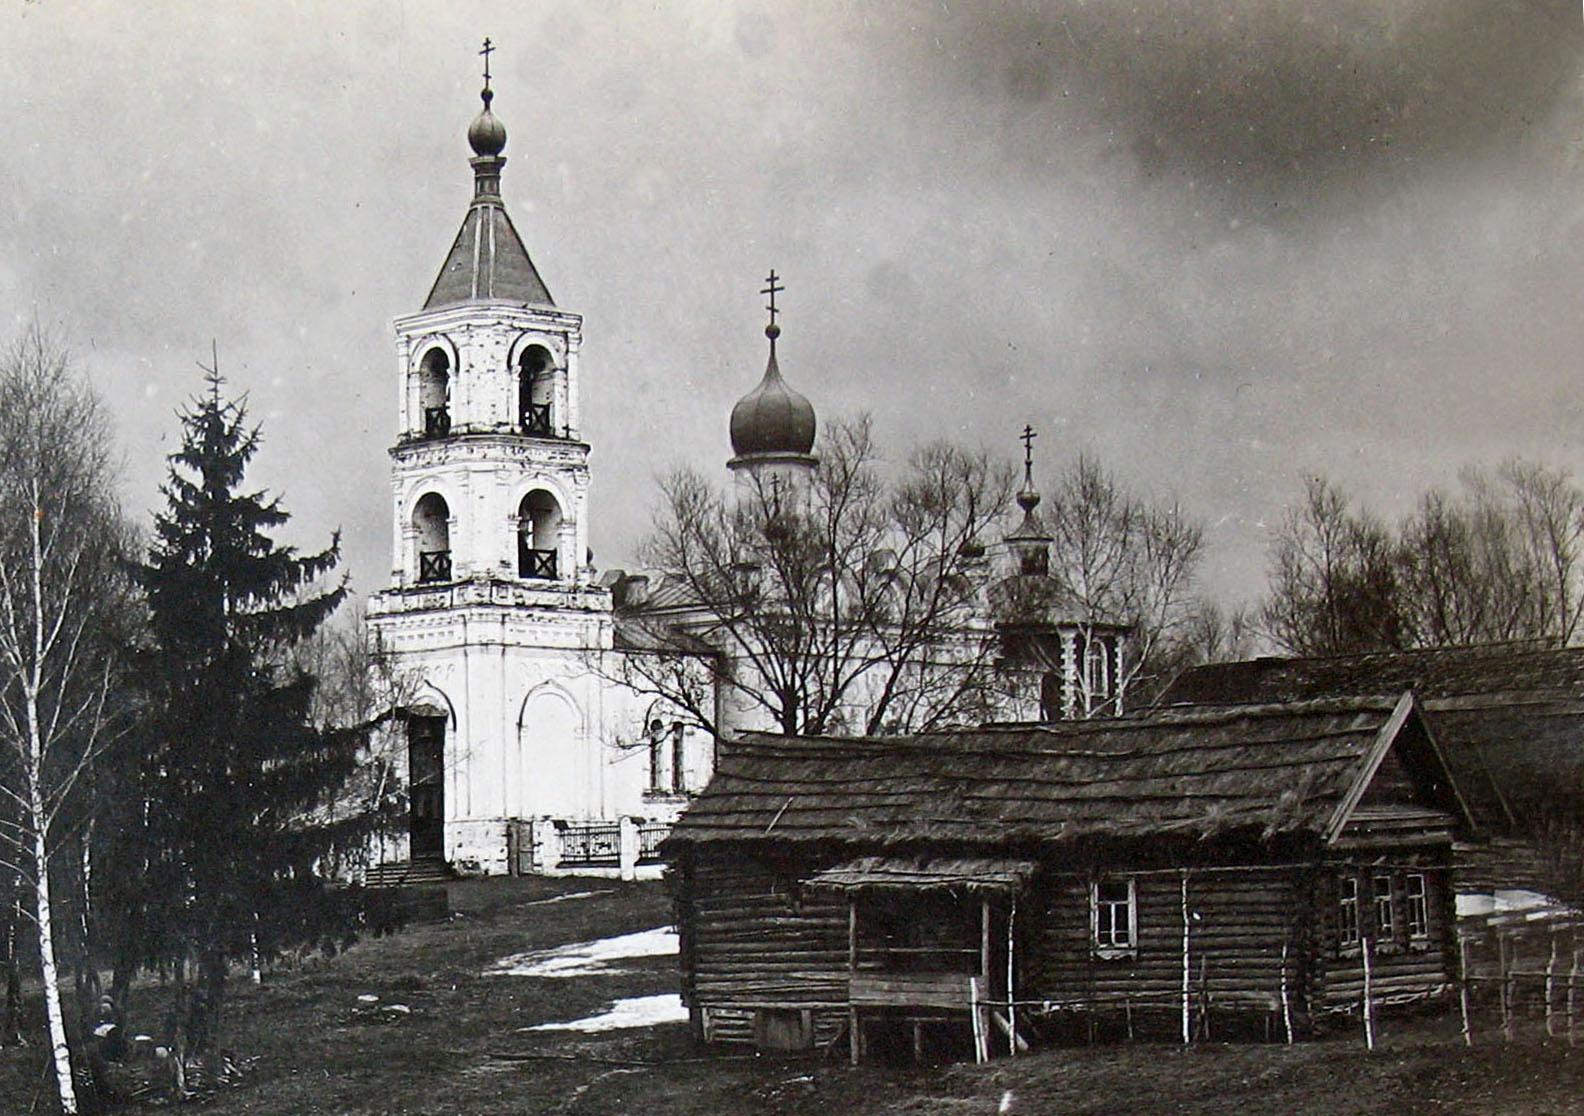 Храм Успения Пресвятой Богородицы в Трахонеево. 1908 год. Фото Ф.Ф.Барта.